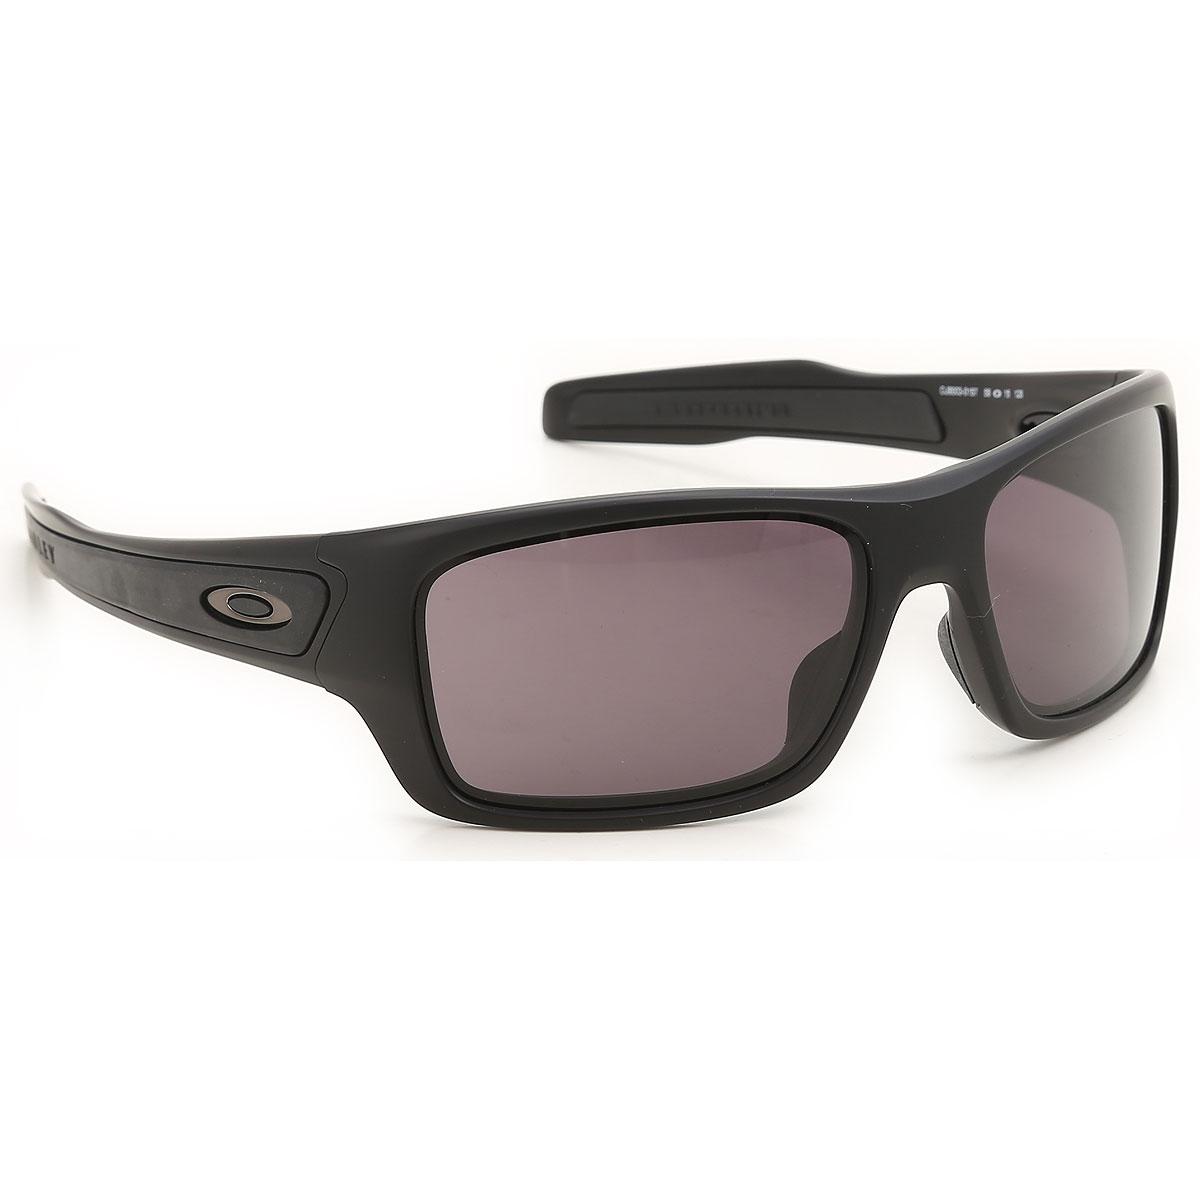 4a009e58c75c Oakley Детские солнцезащитные очки для мальчиков В продаже со ...